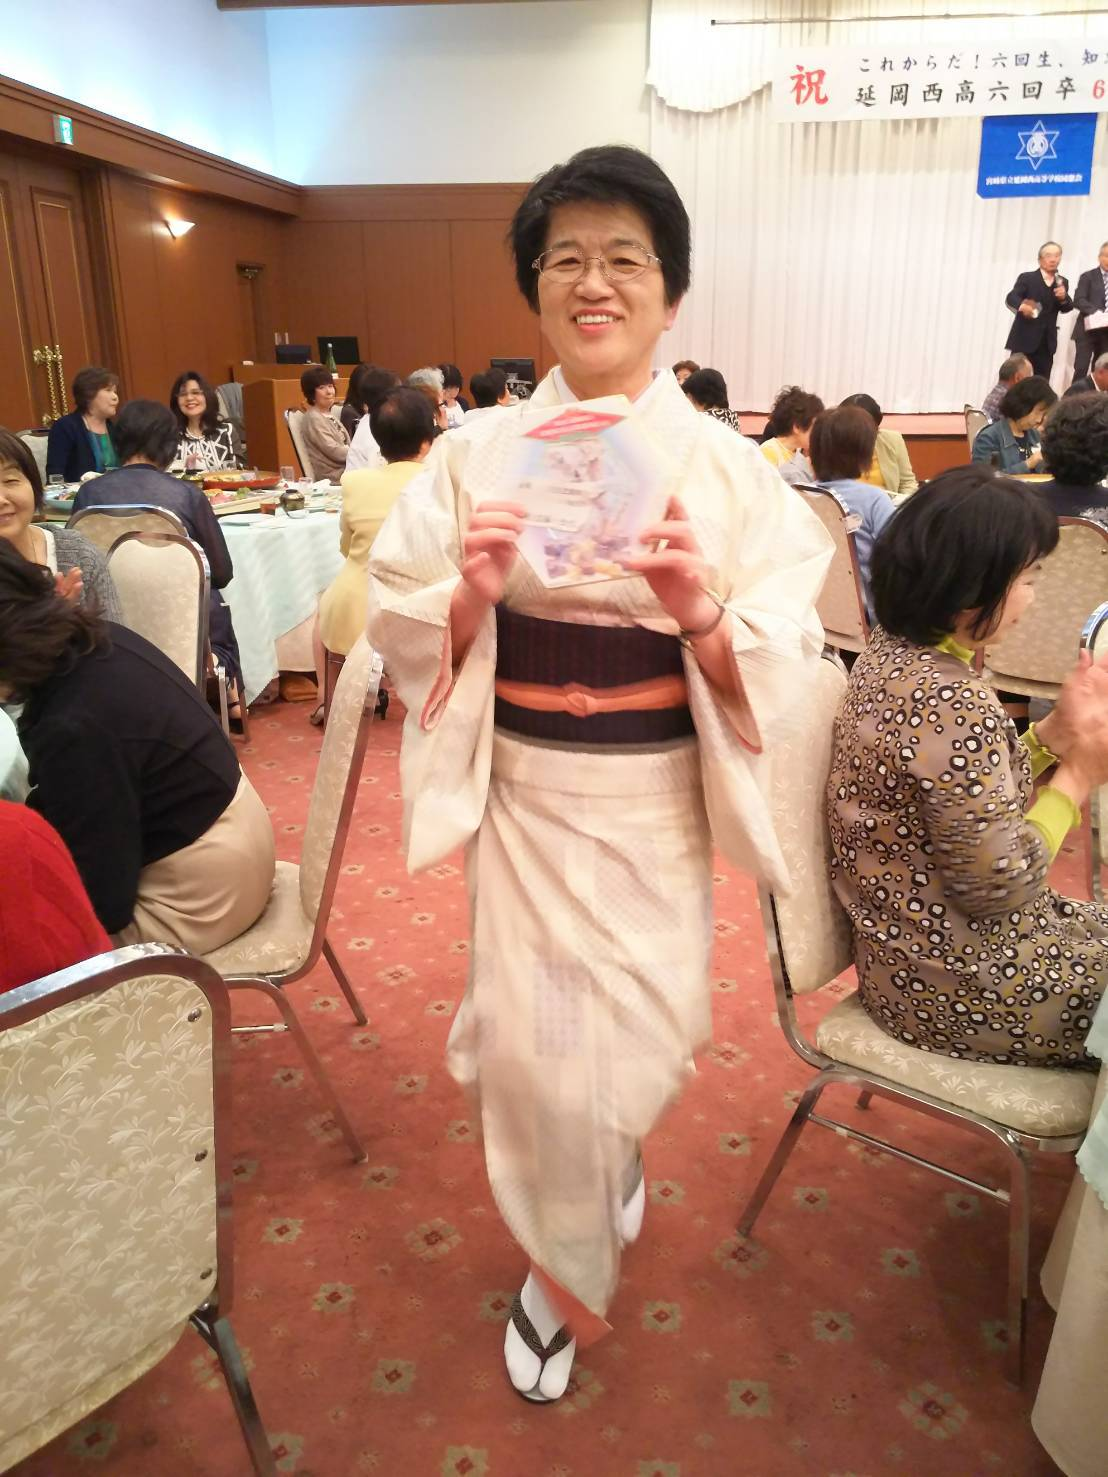 65歳同窓会_e0173655_10193656.jpg